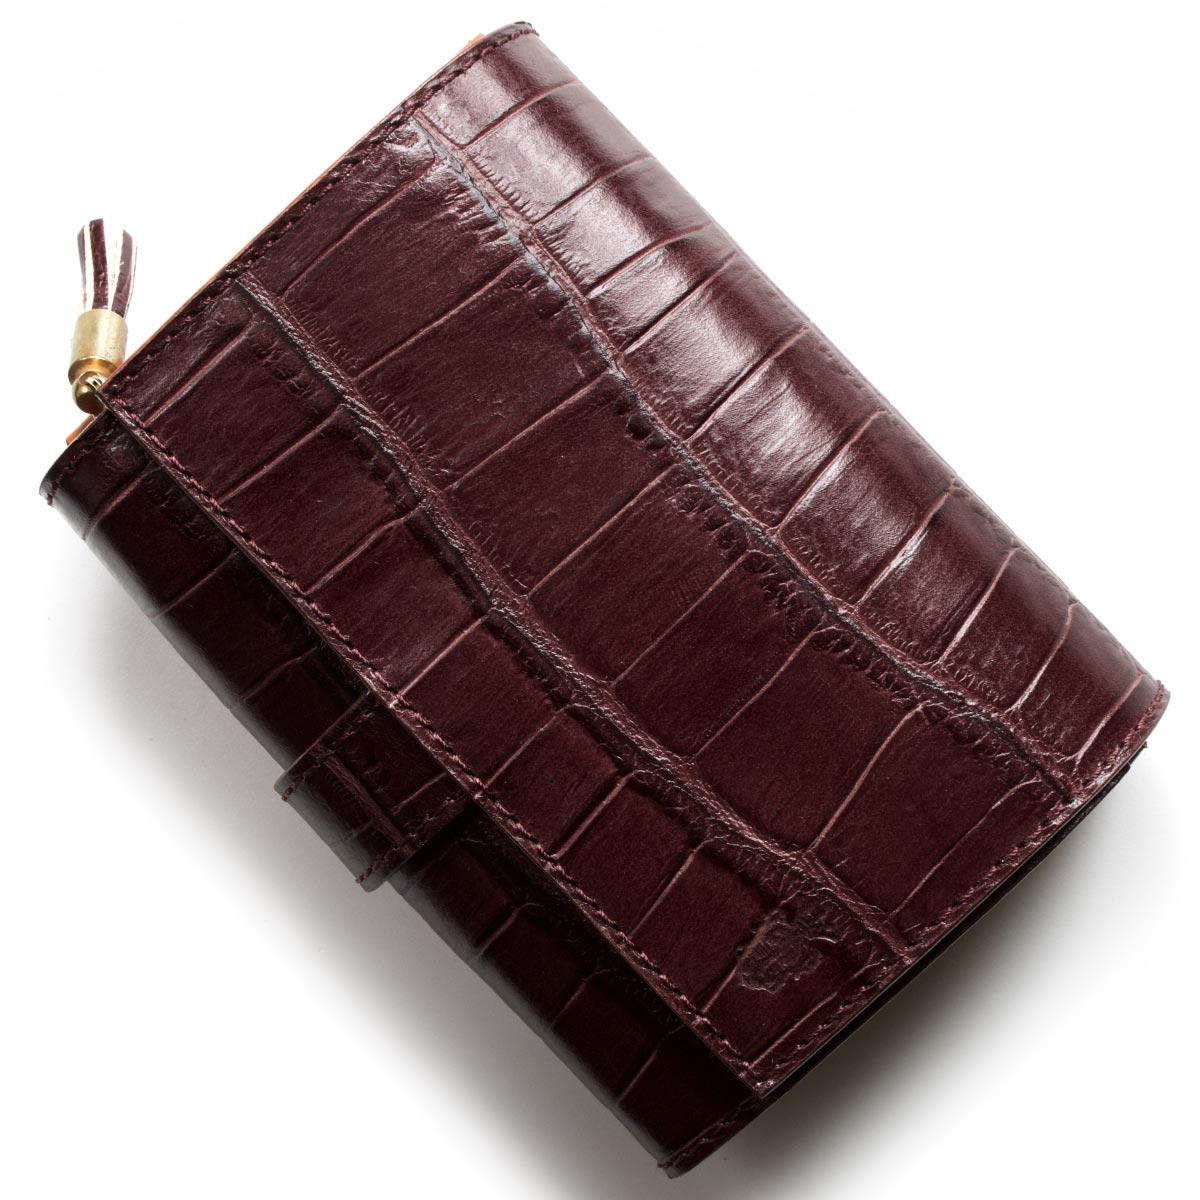 フェリージ 二つ折り財布 財布 メンズ レディース クロコ型押し ボルドー 3500 SA 0026 FELISI